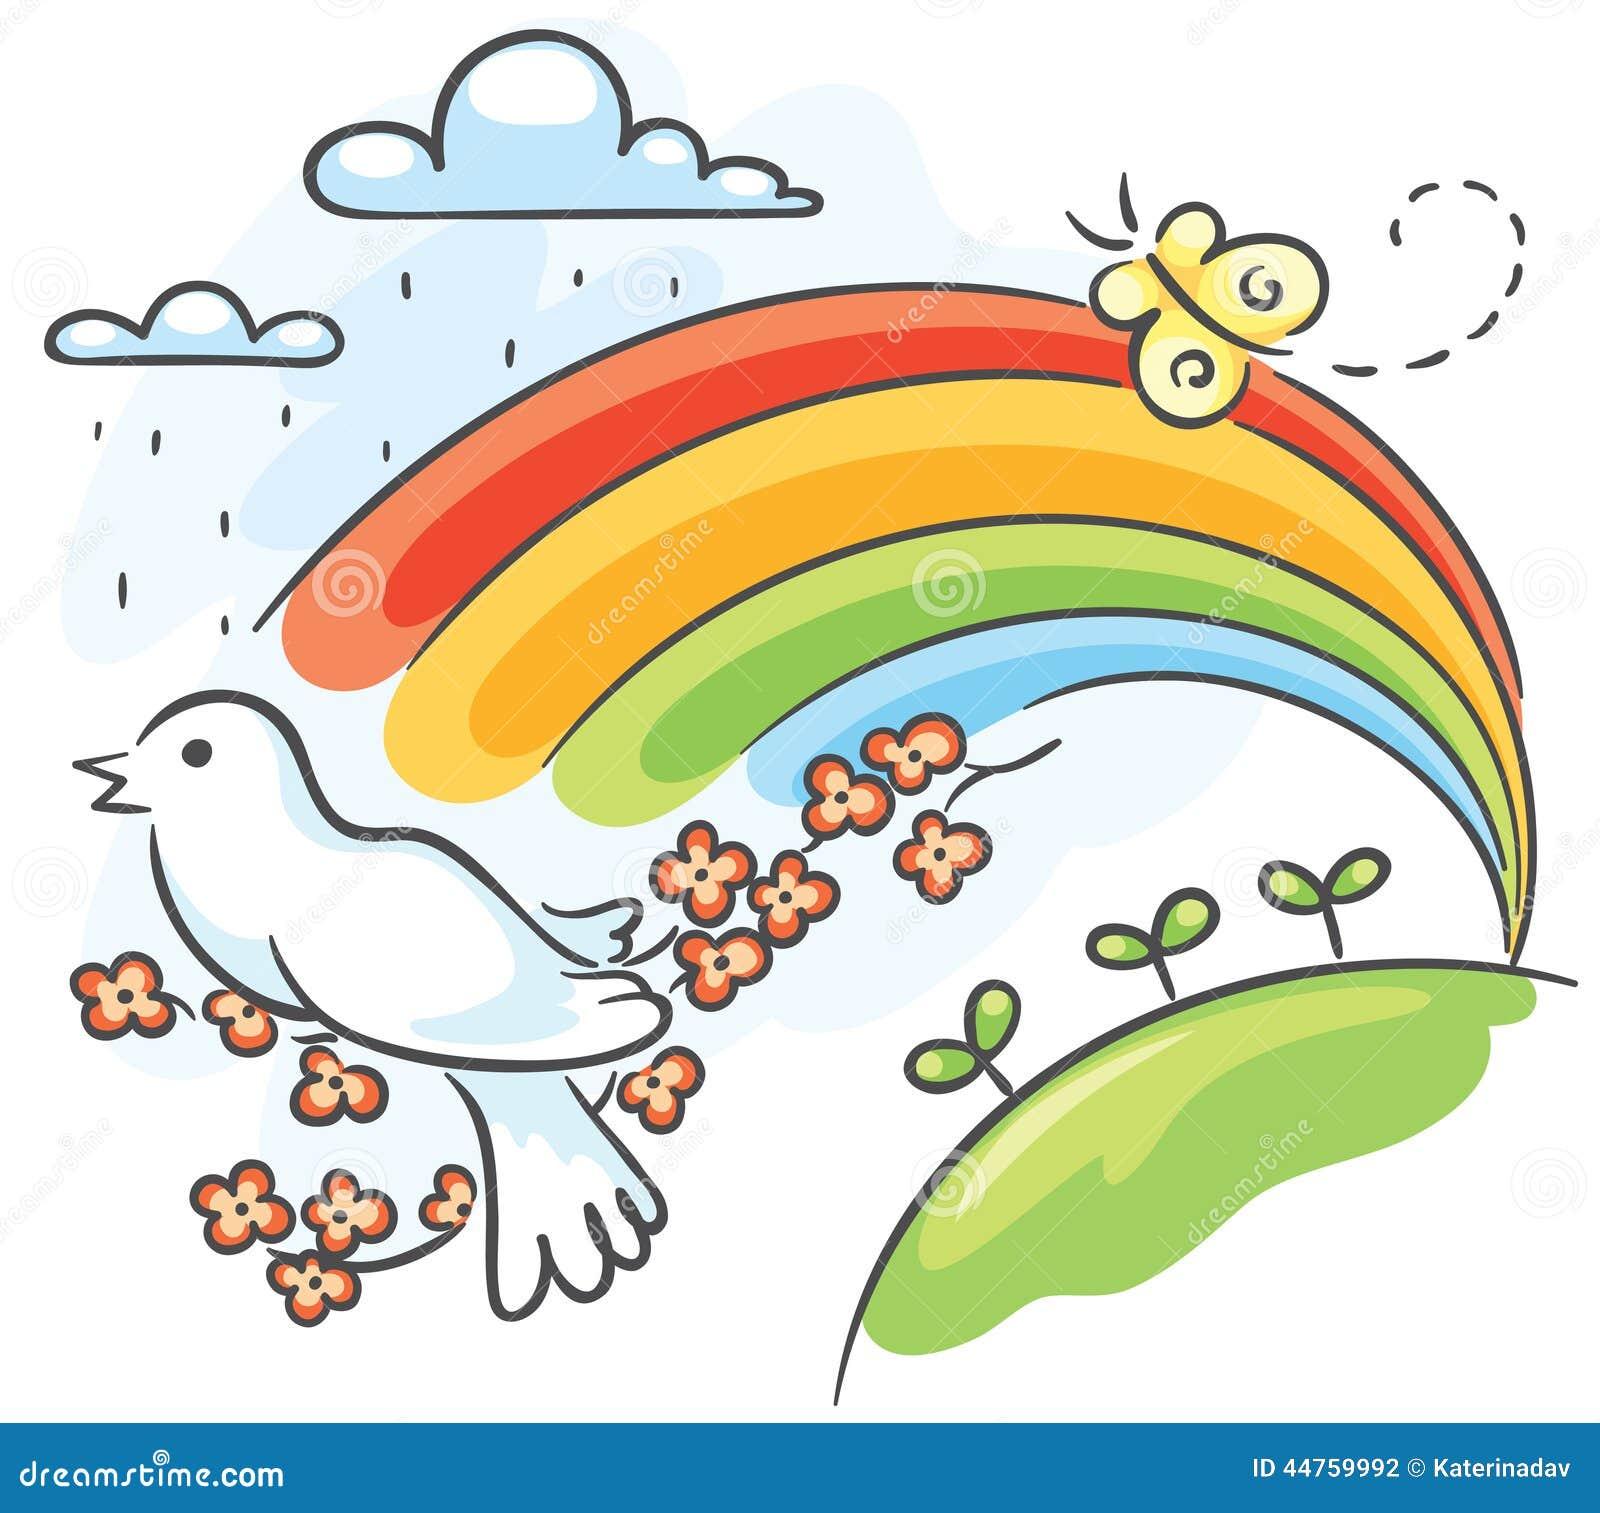 与鸟和彩虹的春天图画.图片